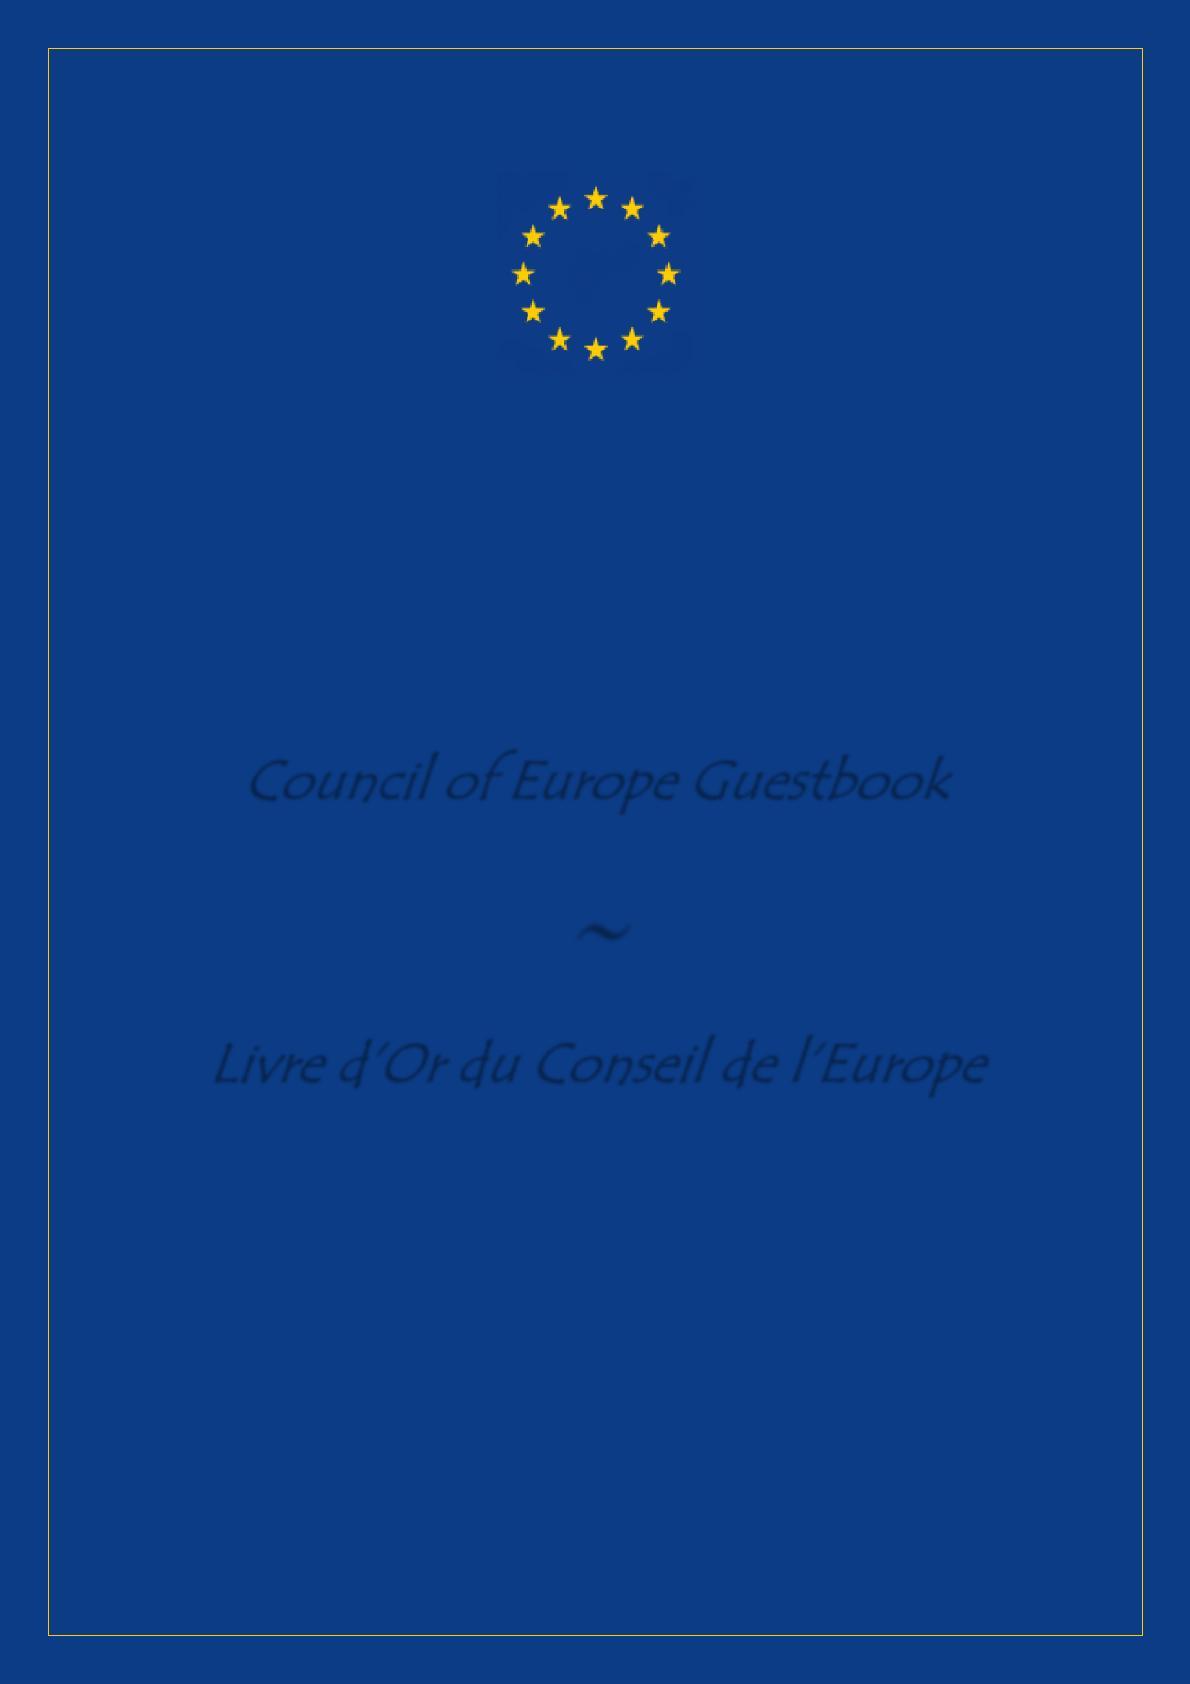 Livre D Or Du Conseil De L Europe 89 112